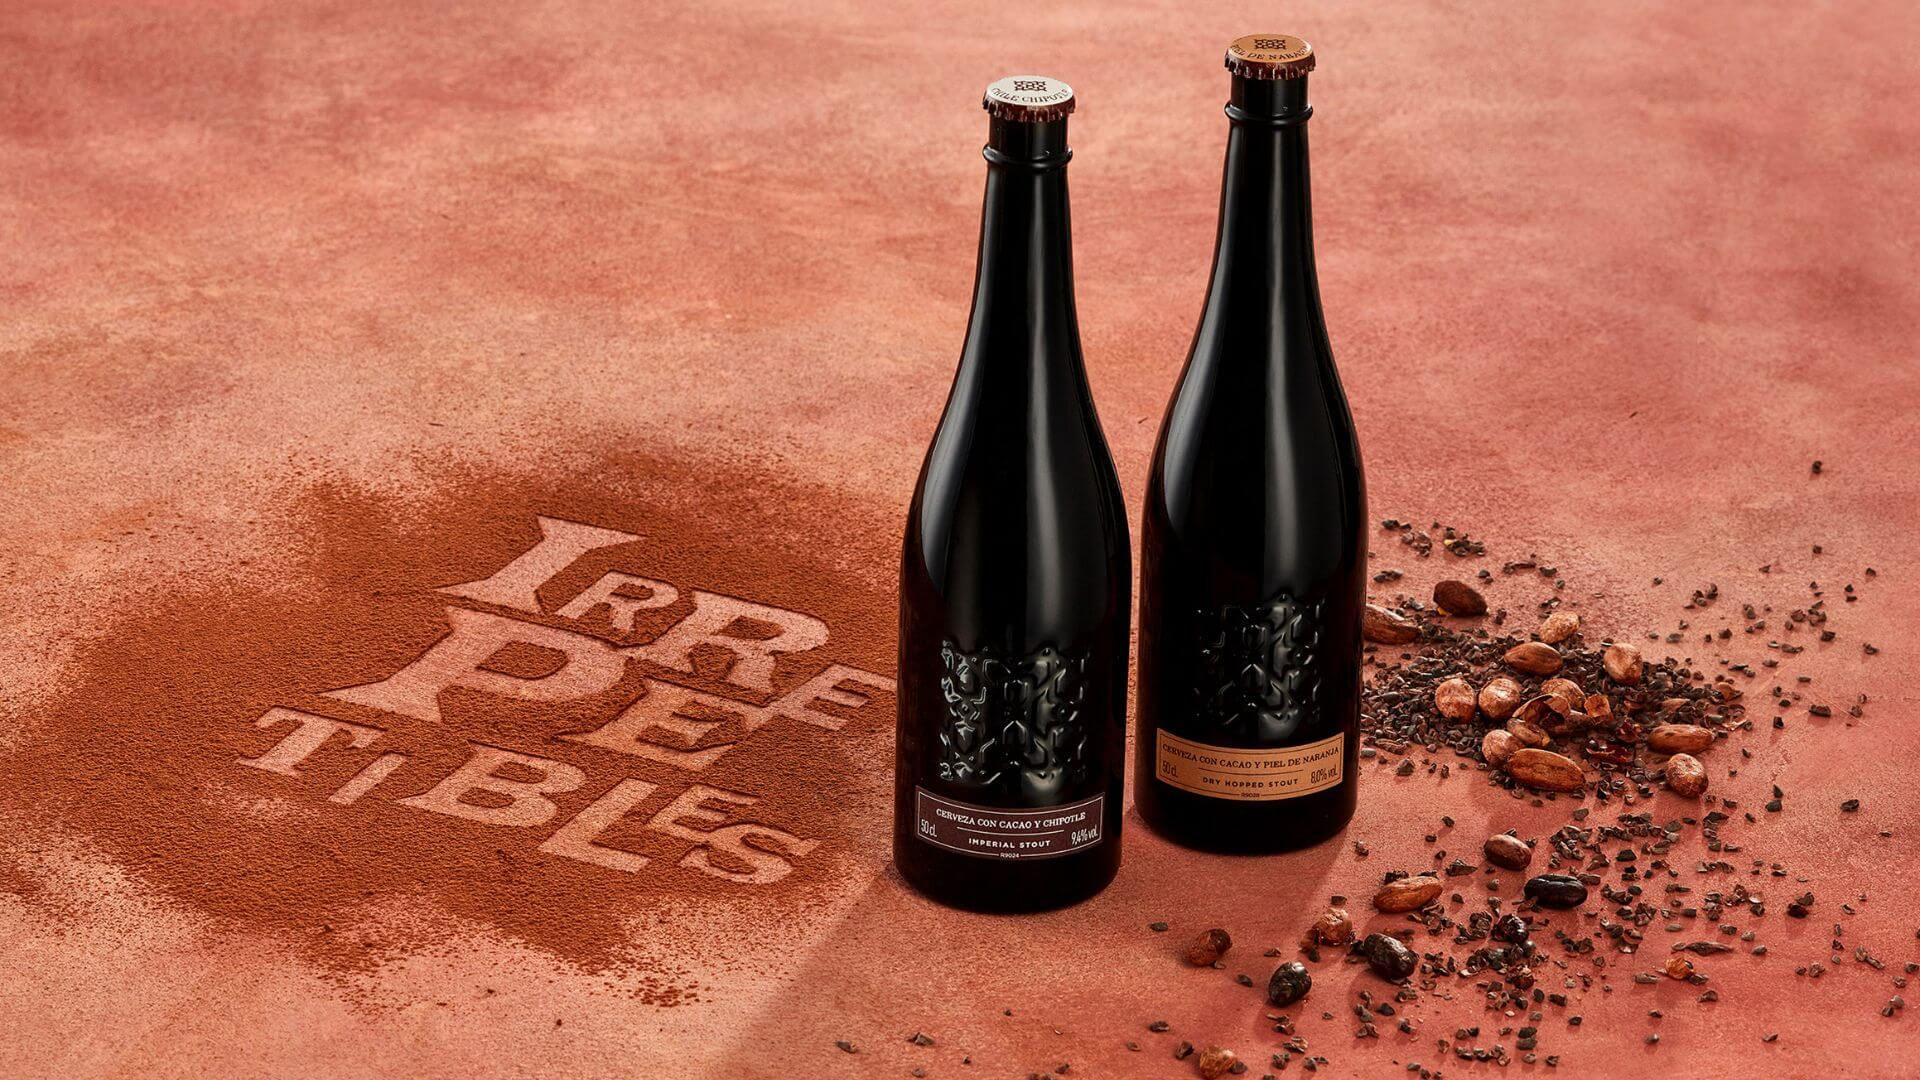 Las Numeradas de Cervezas Alhambra - Cacao o cuando la inspiración brota de lo inesperado